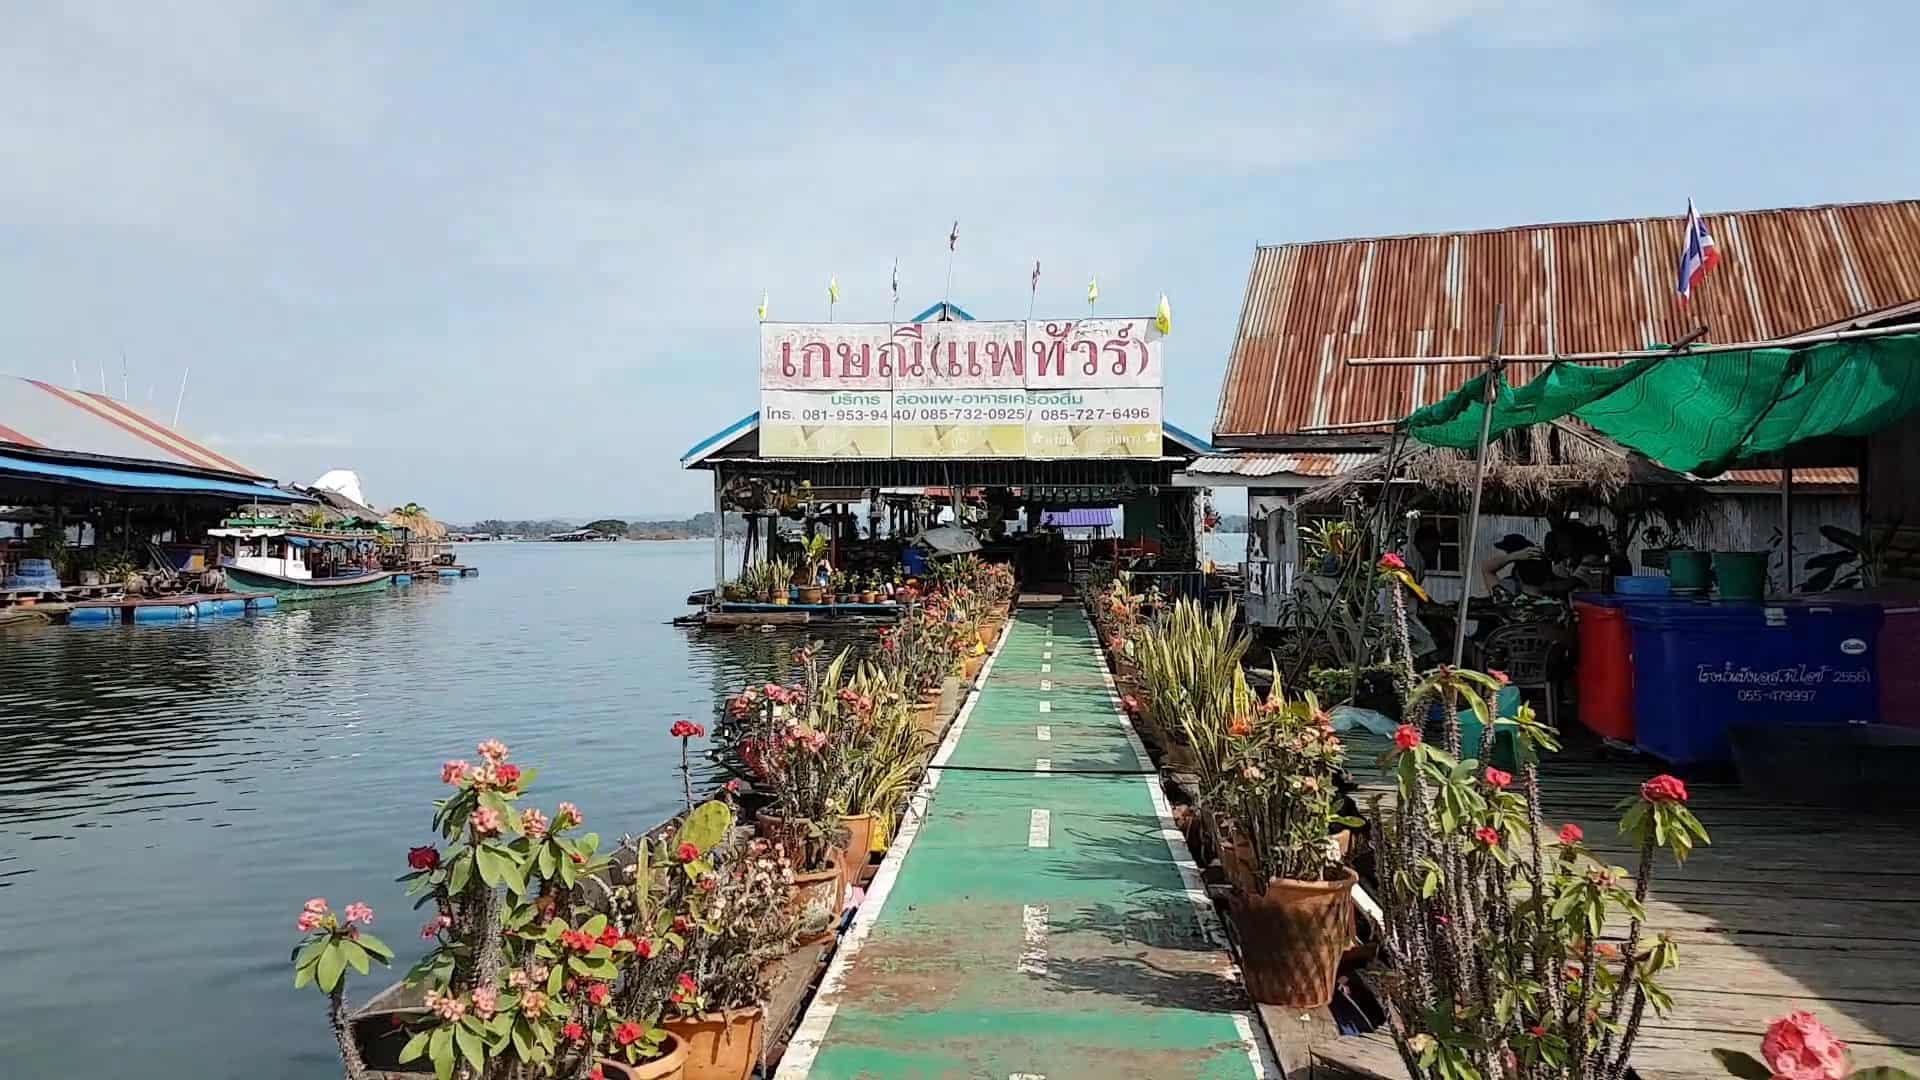 Thaïlande, un joli village de pêcheurs au bord de l'eau 🛶 4